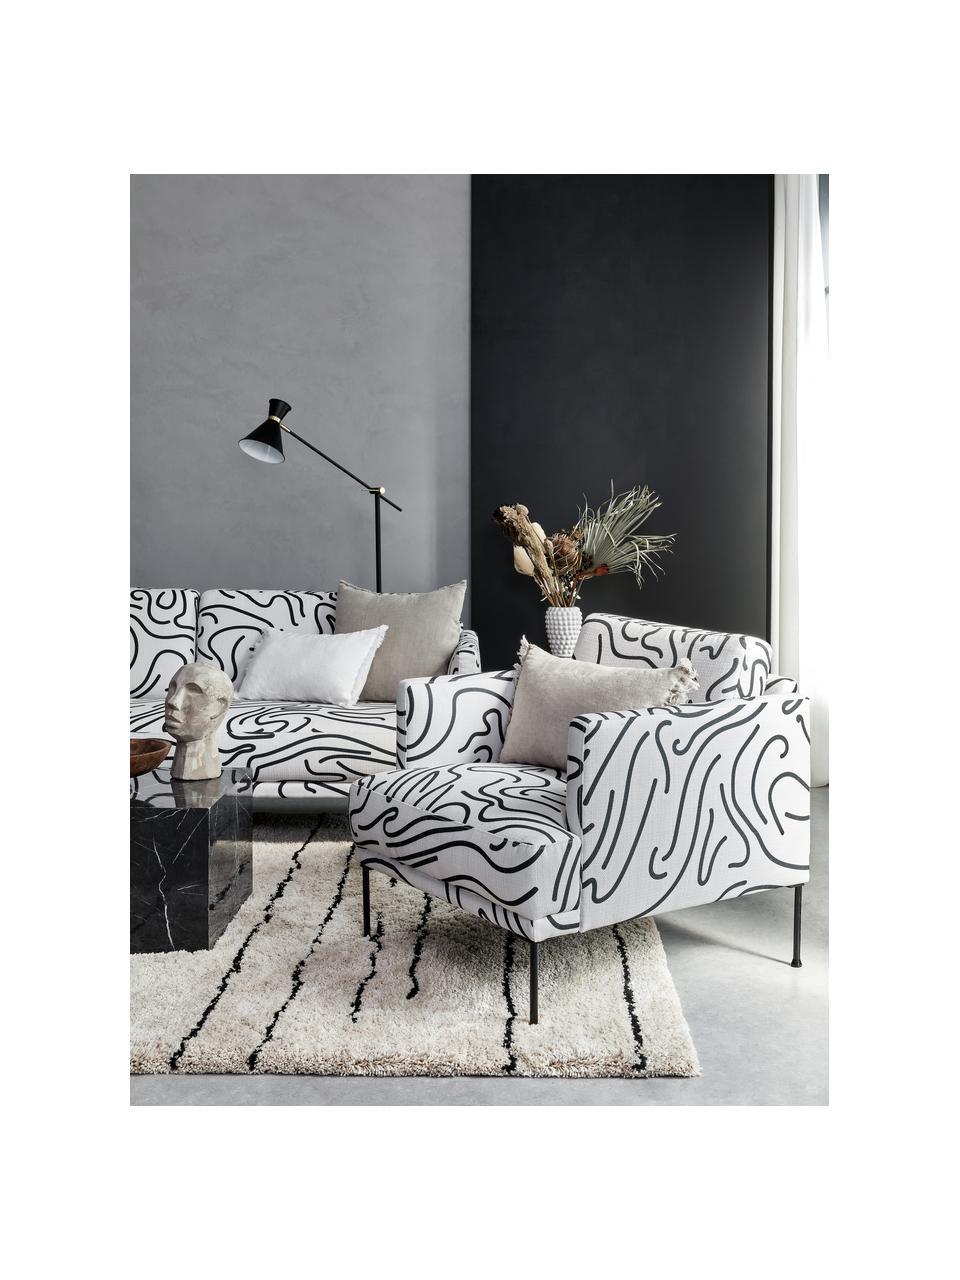 Gemusterter Sessel Fluente mit Metall-Füßen, Bezug: 100% Polyester Der hochwe, Gestell: Massives Kiefernholz, Füße: Metall, pulverbeschichtet, Webstoff Weiß/Schwarz, B 74 x T 85 cm